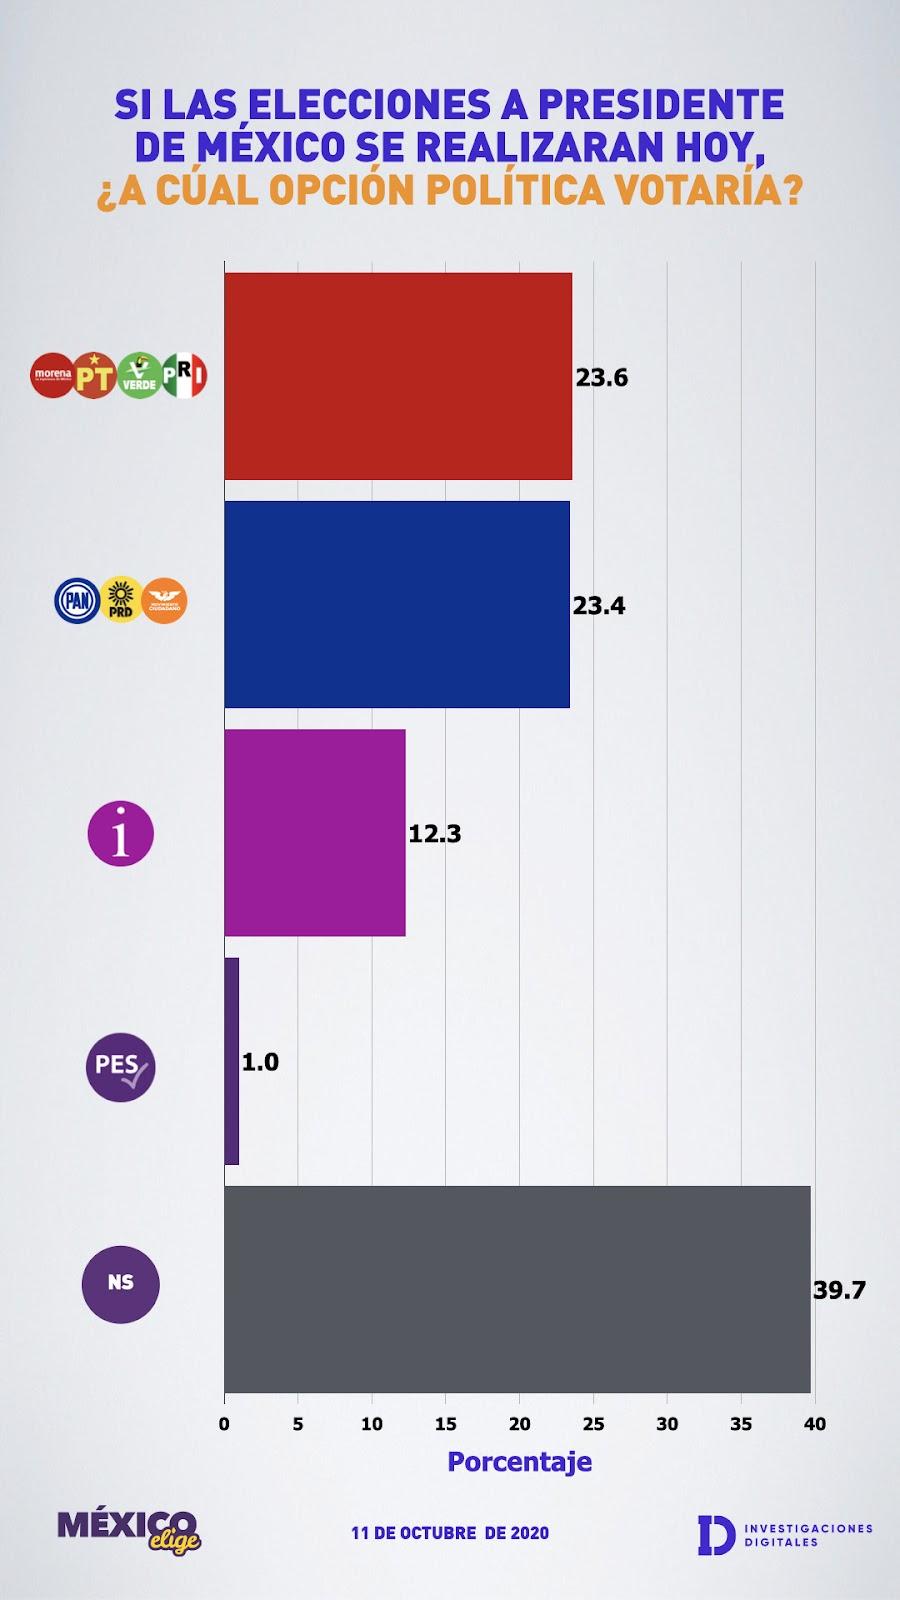 Encuesta 23.6 por ciento votarían por Morena para presidente de México